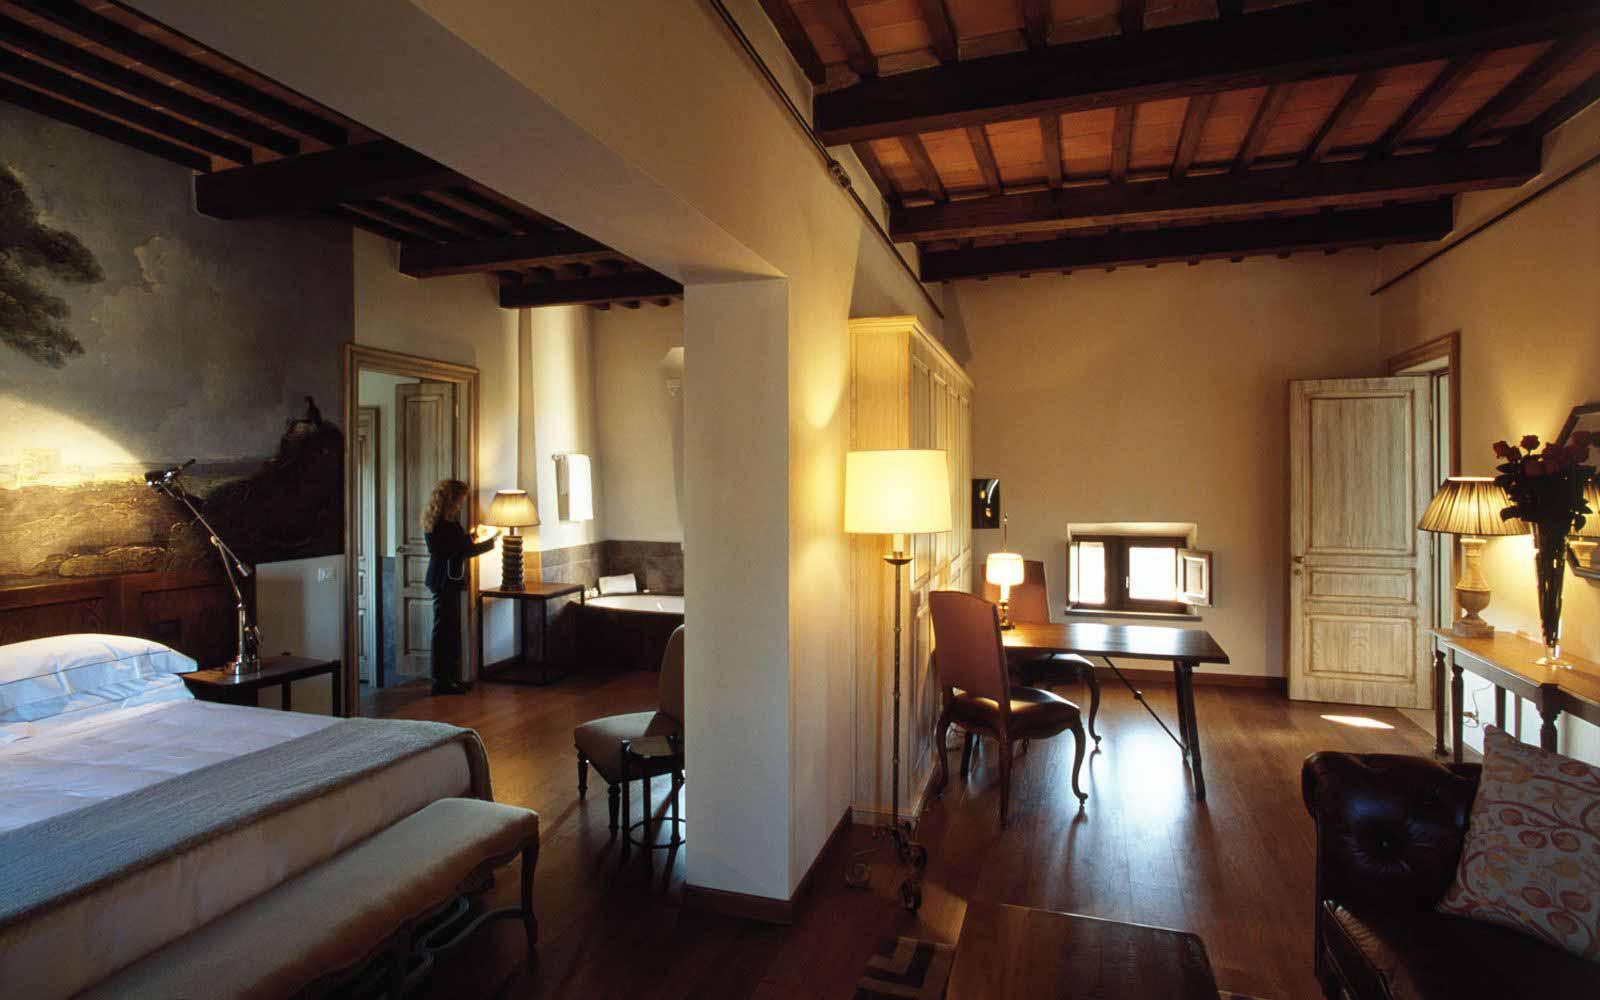 Junior Suite at Castel Monastero Tuscan Resort & Spa